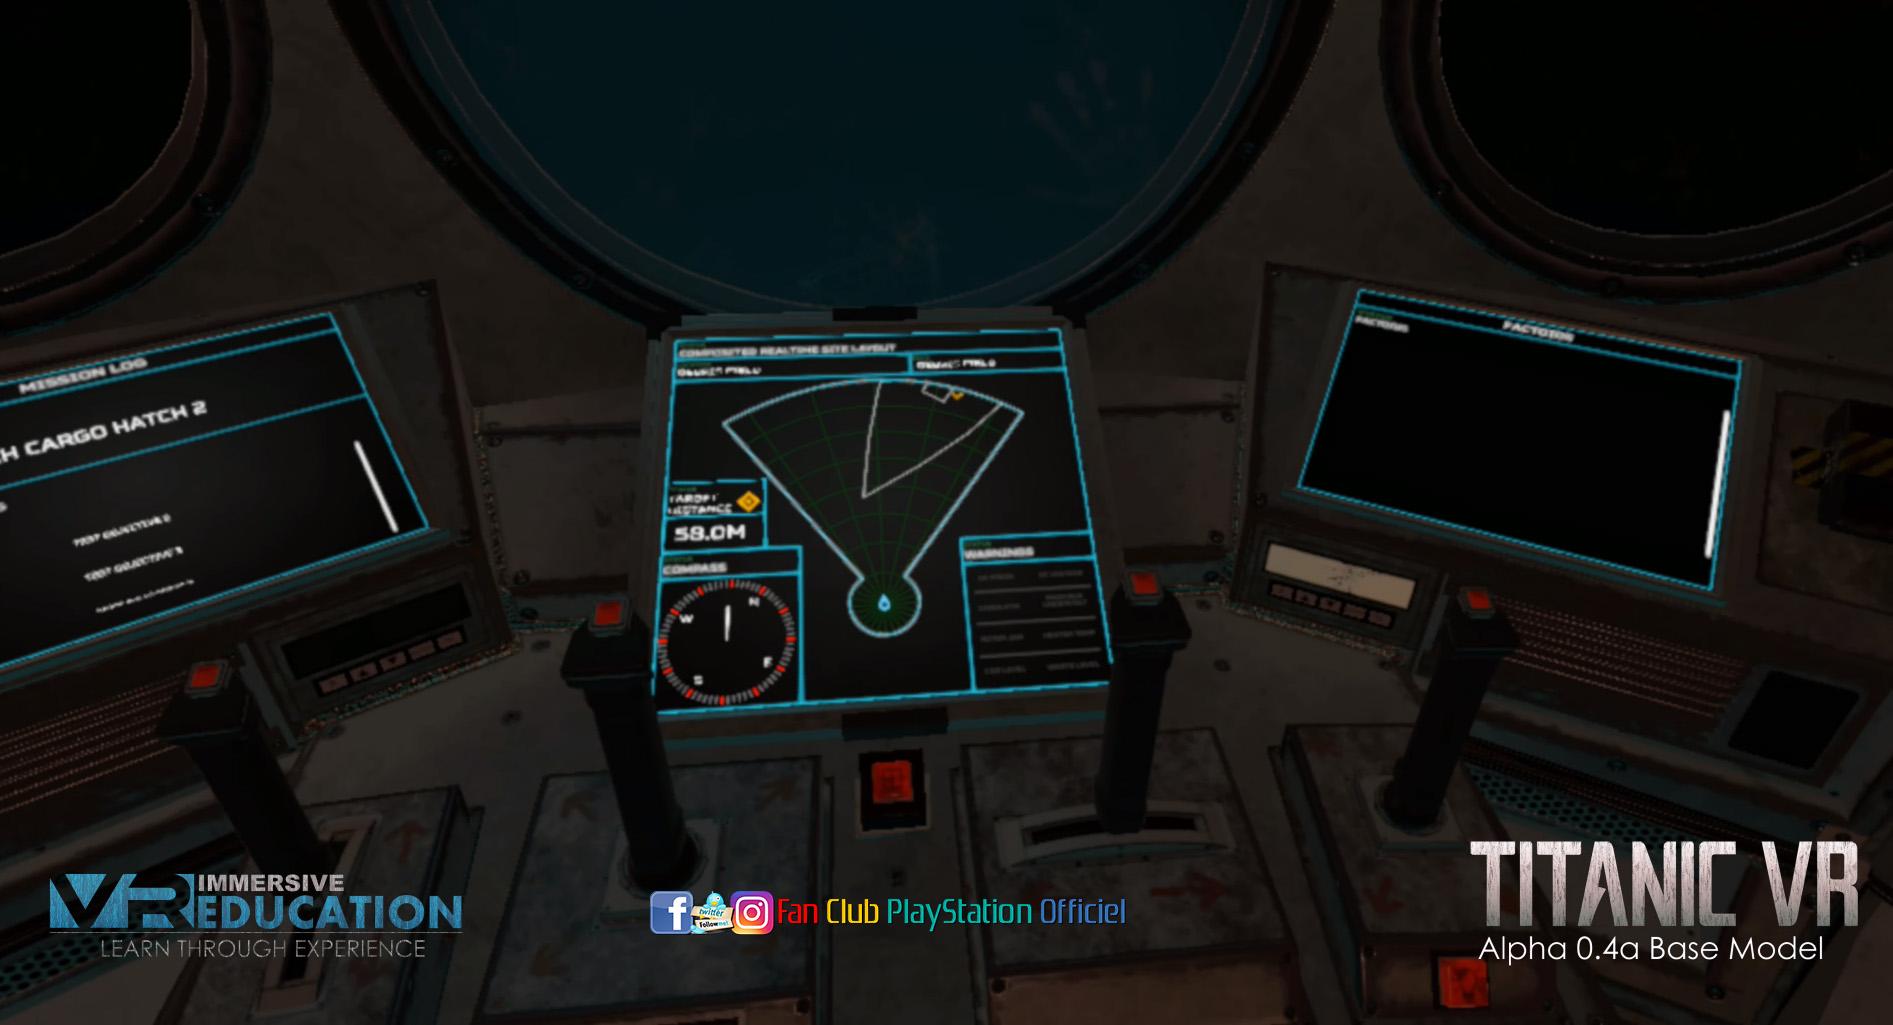 TITANIC VR gameplay